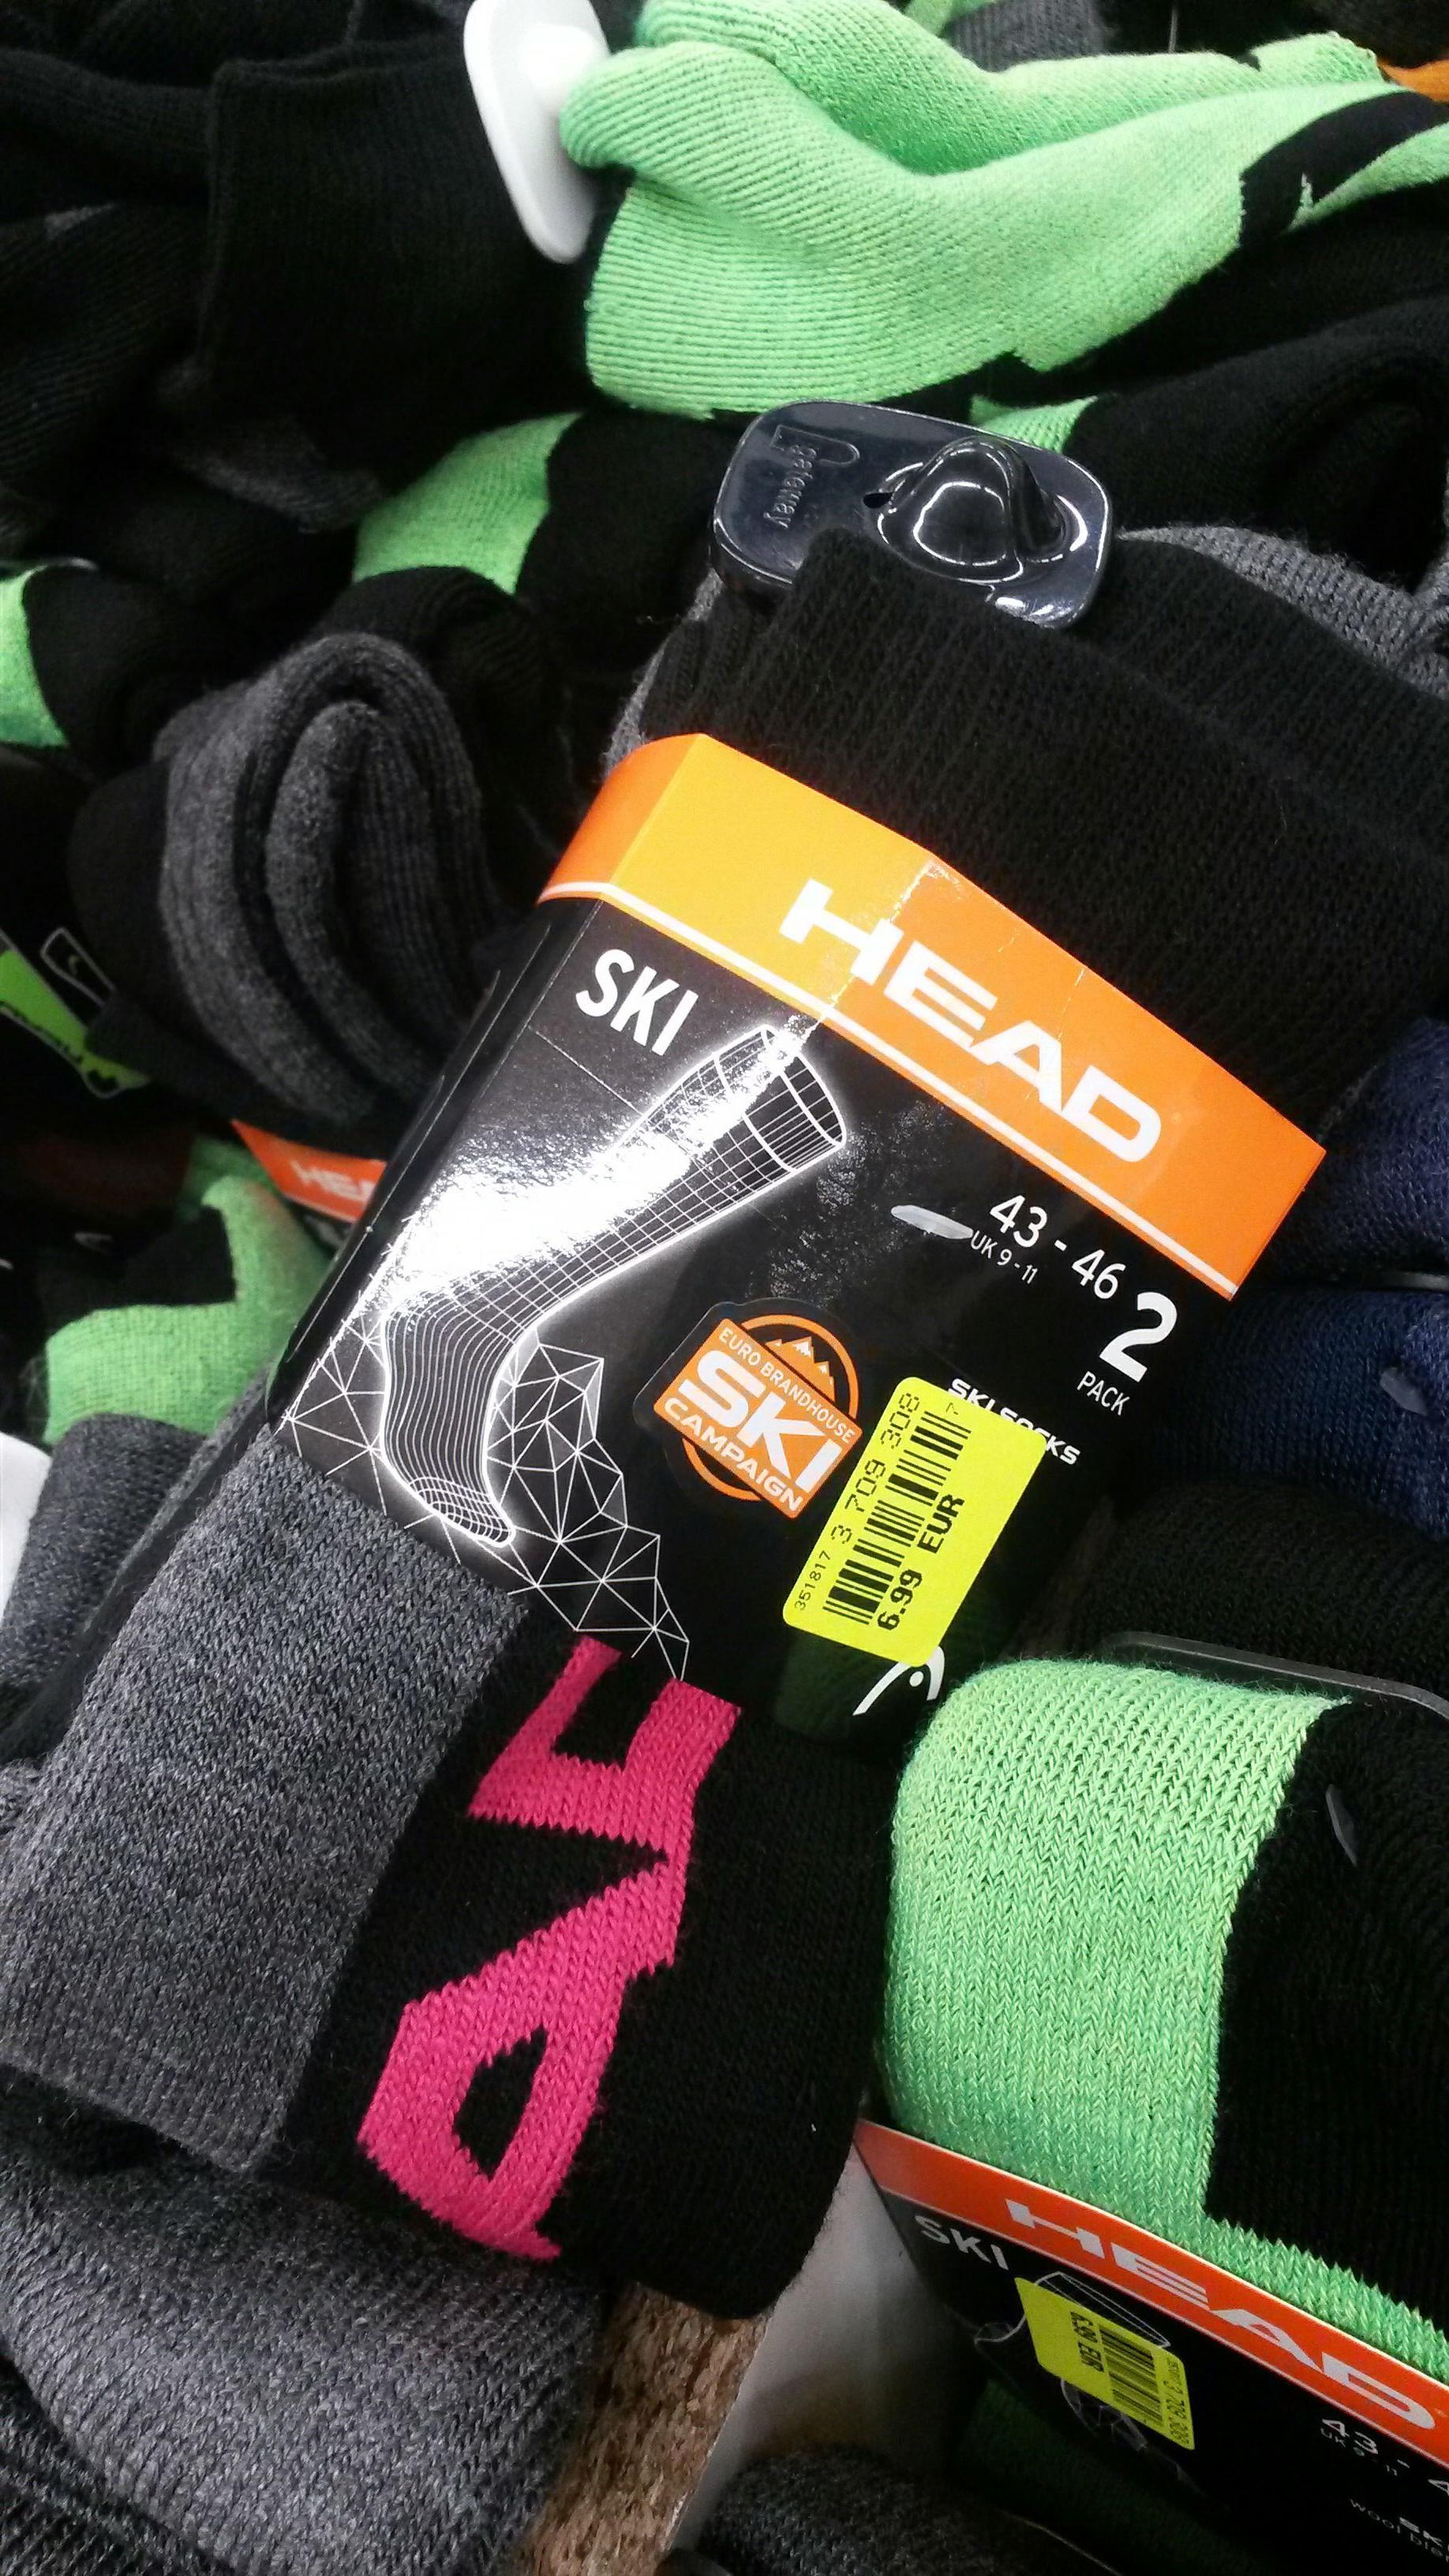 Chaussettes de ski Head - Taille au choix